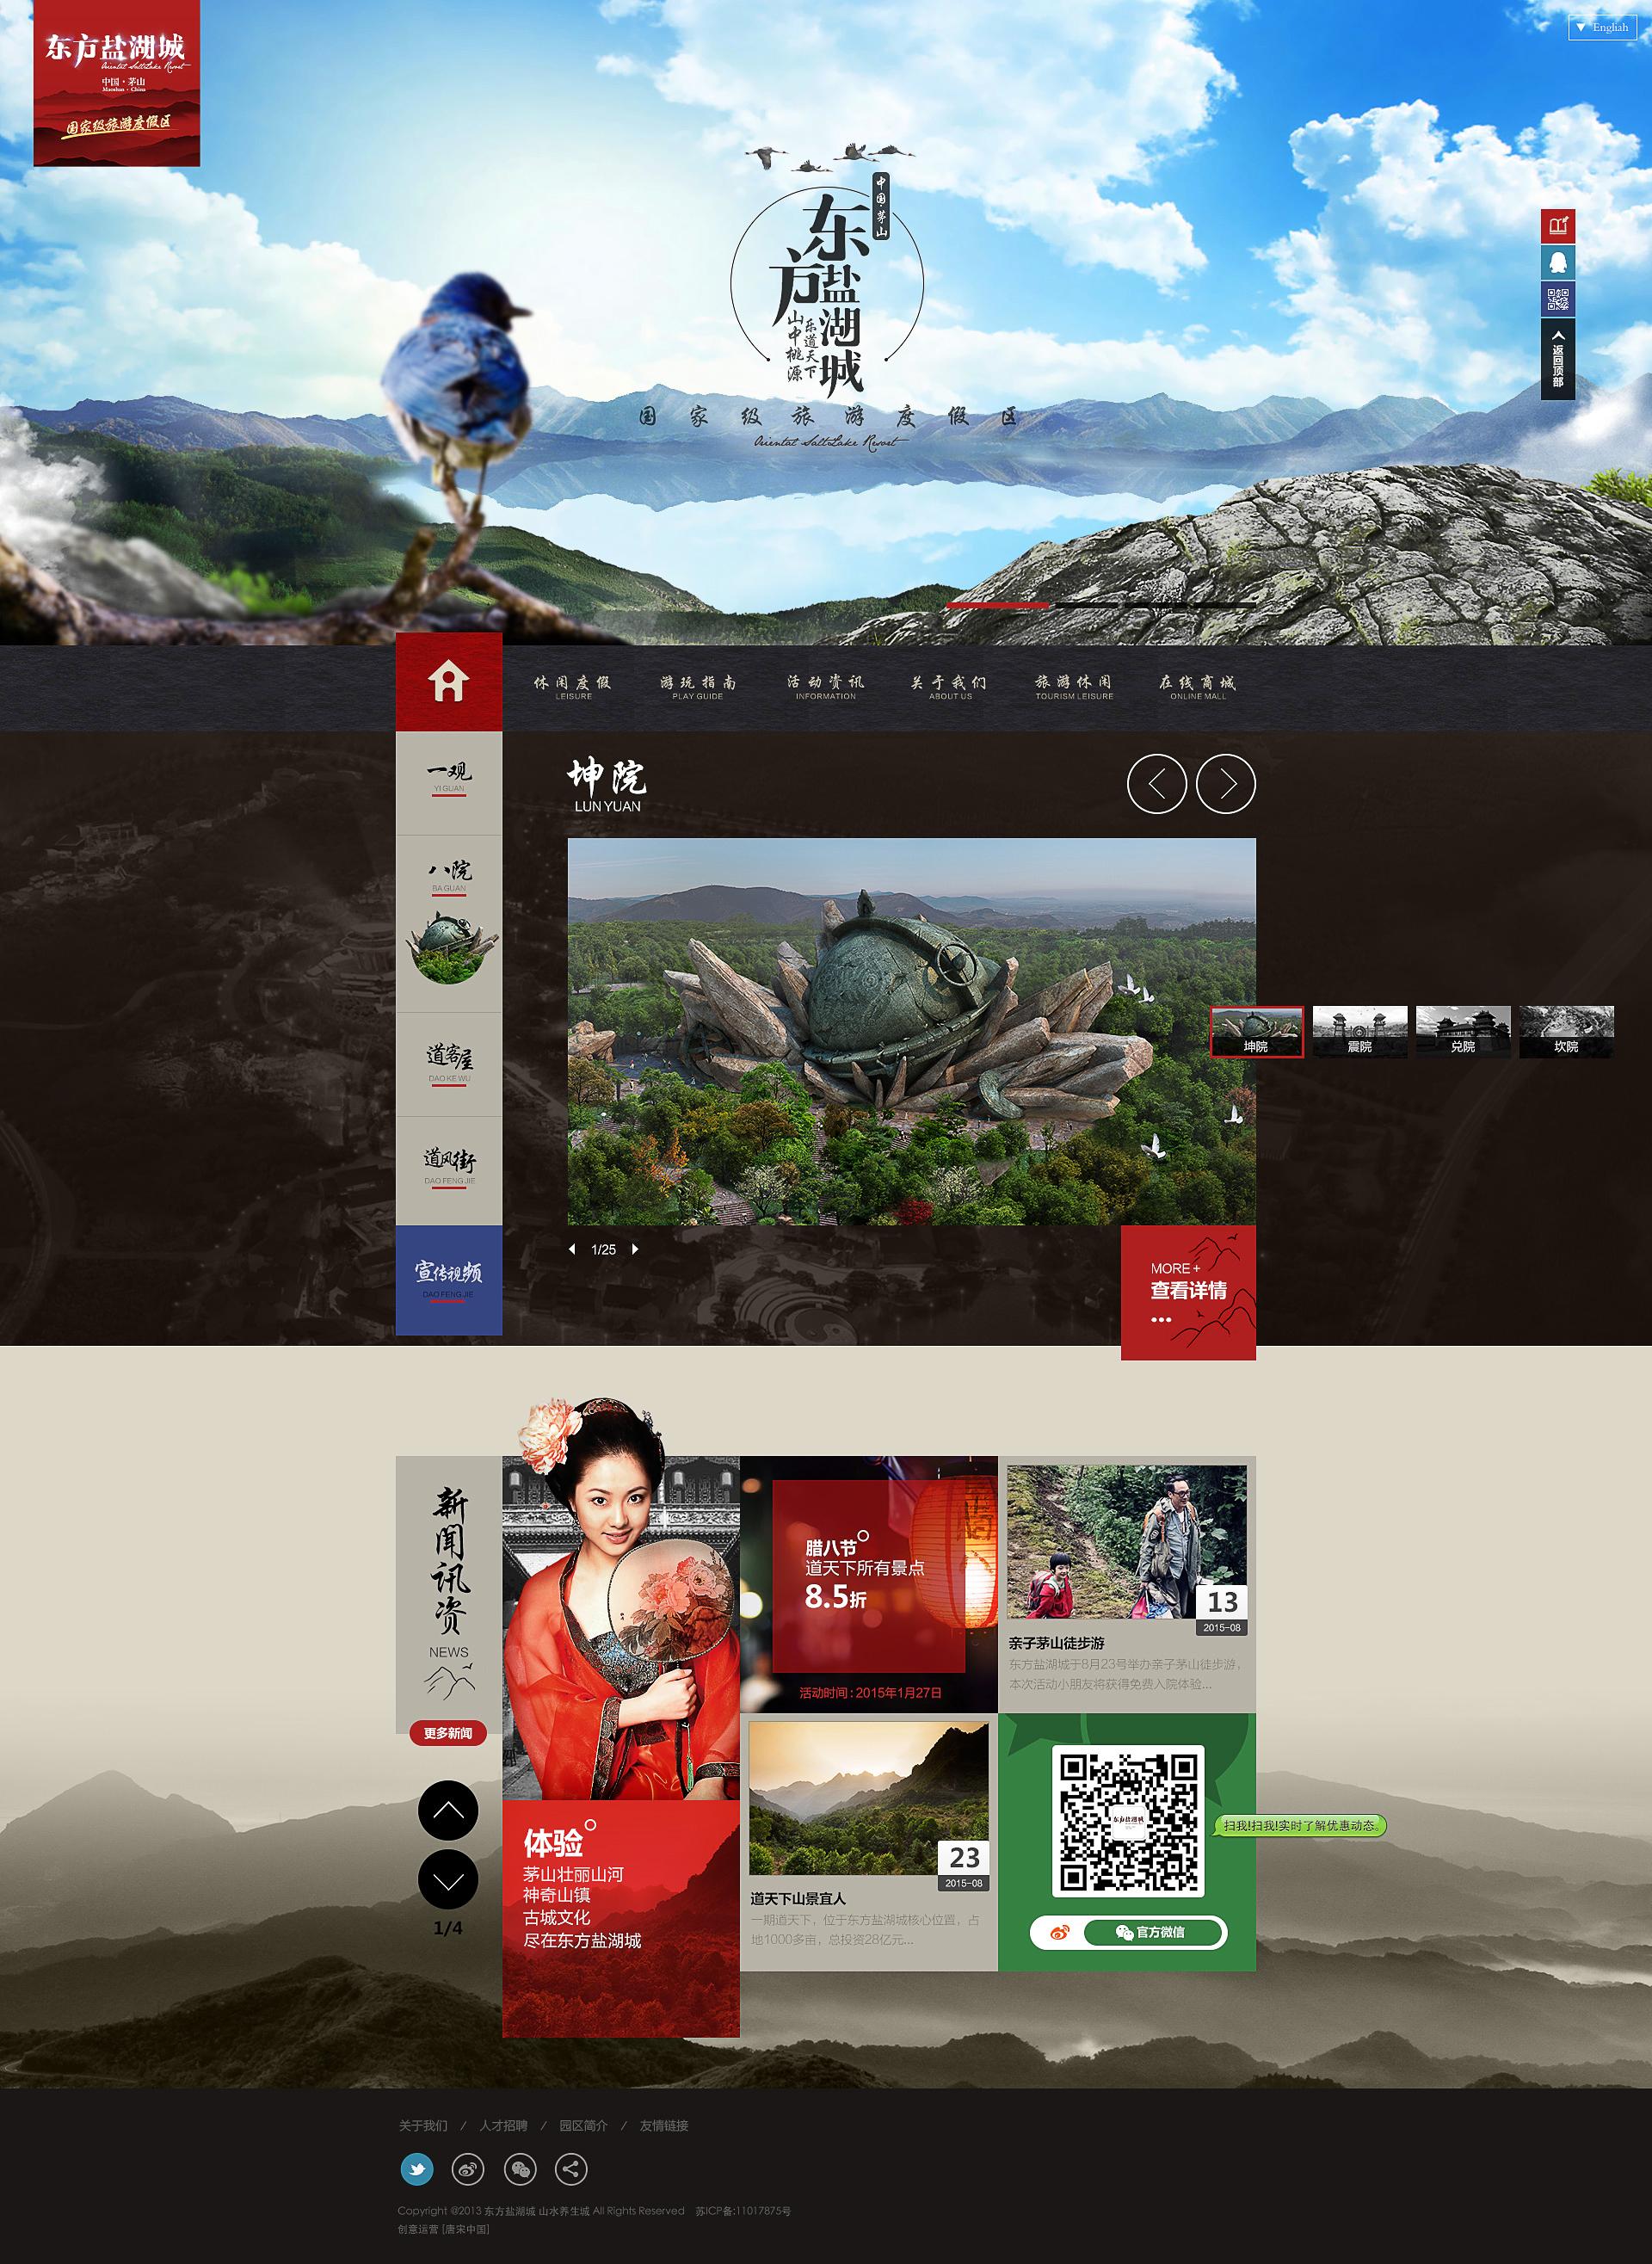 中国茅山东方盐湖城闲养度假区网站设计欣赏